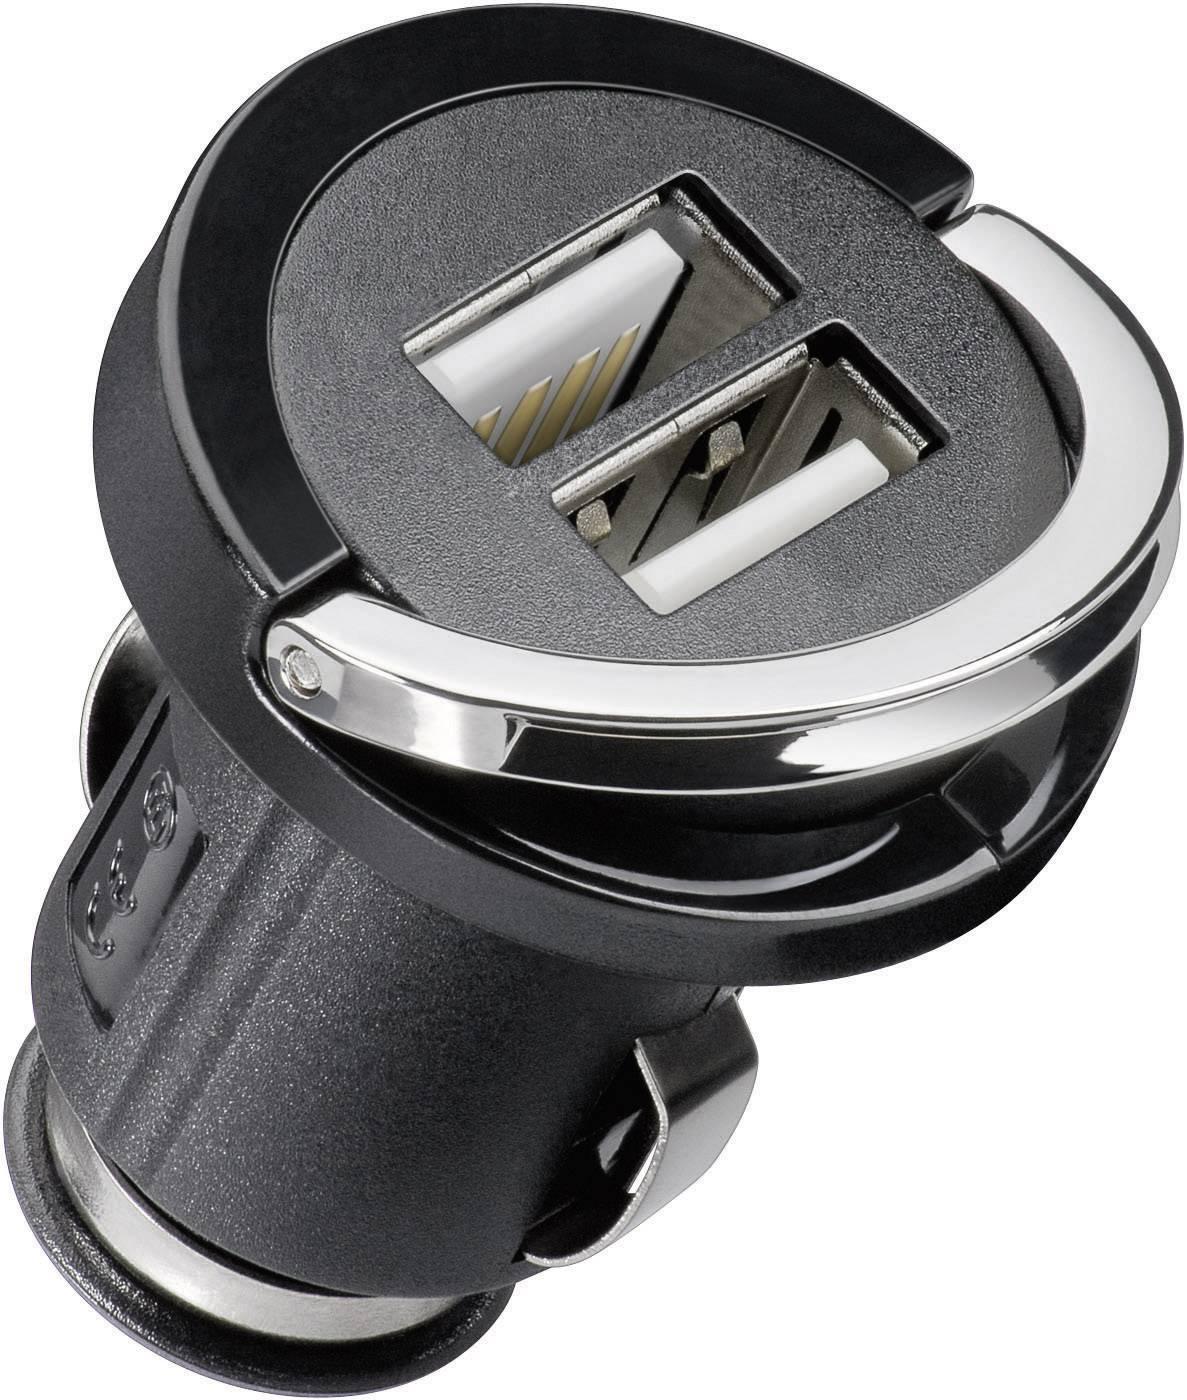 USB nabíjačka Cabstone Power USB Dual, čierna/strieborná